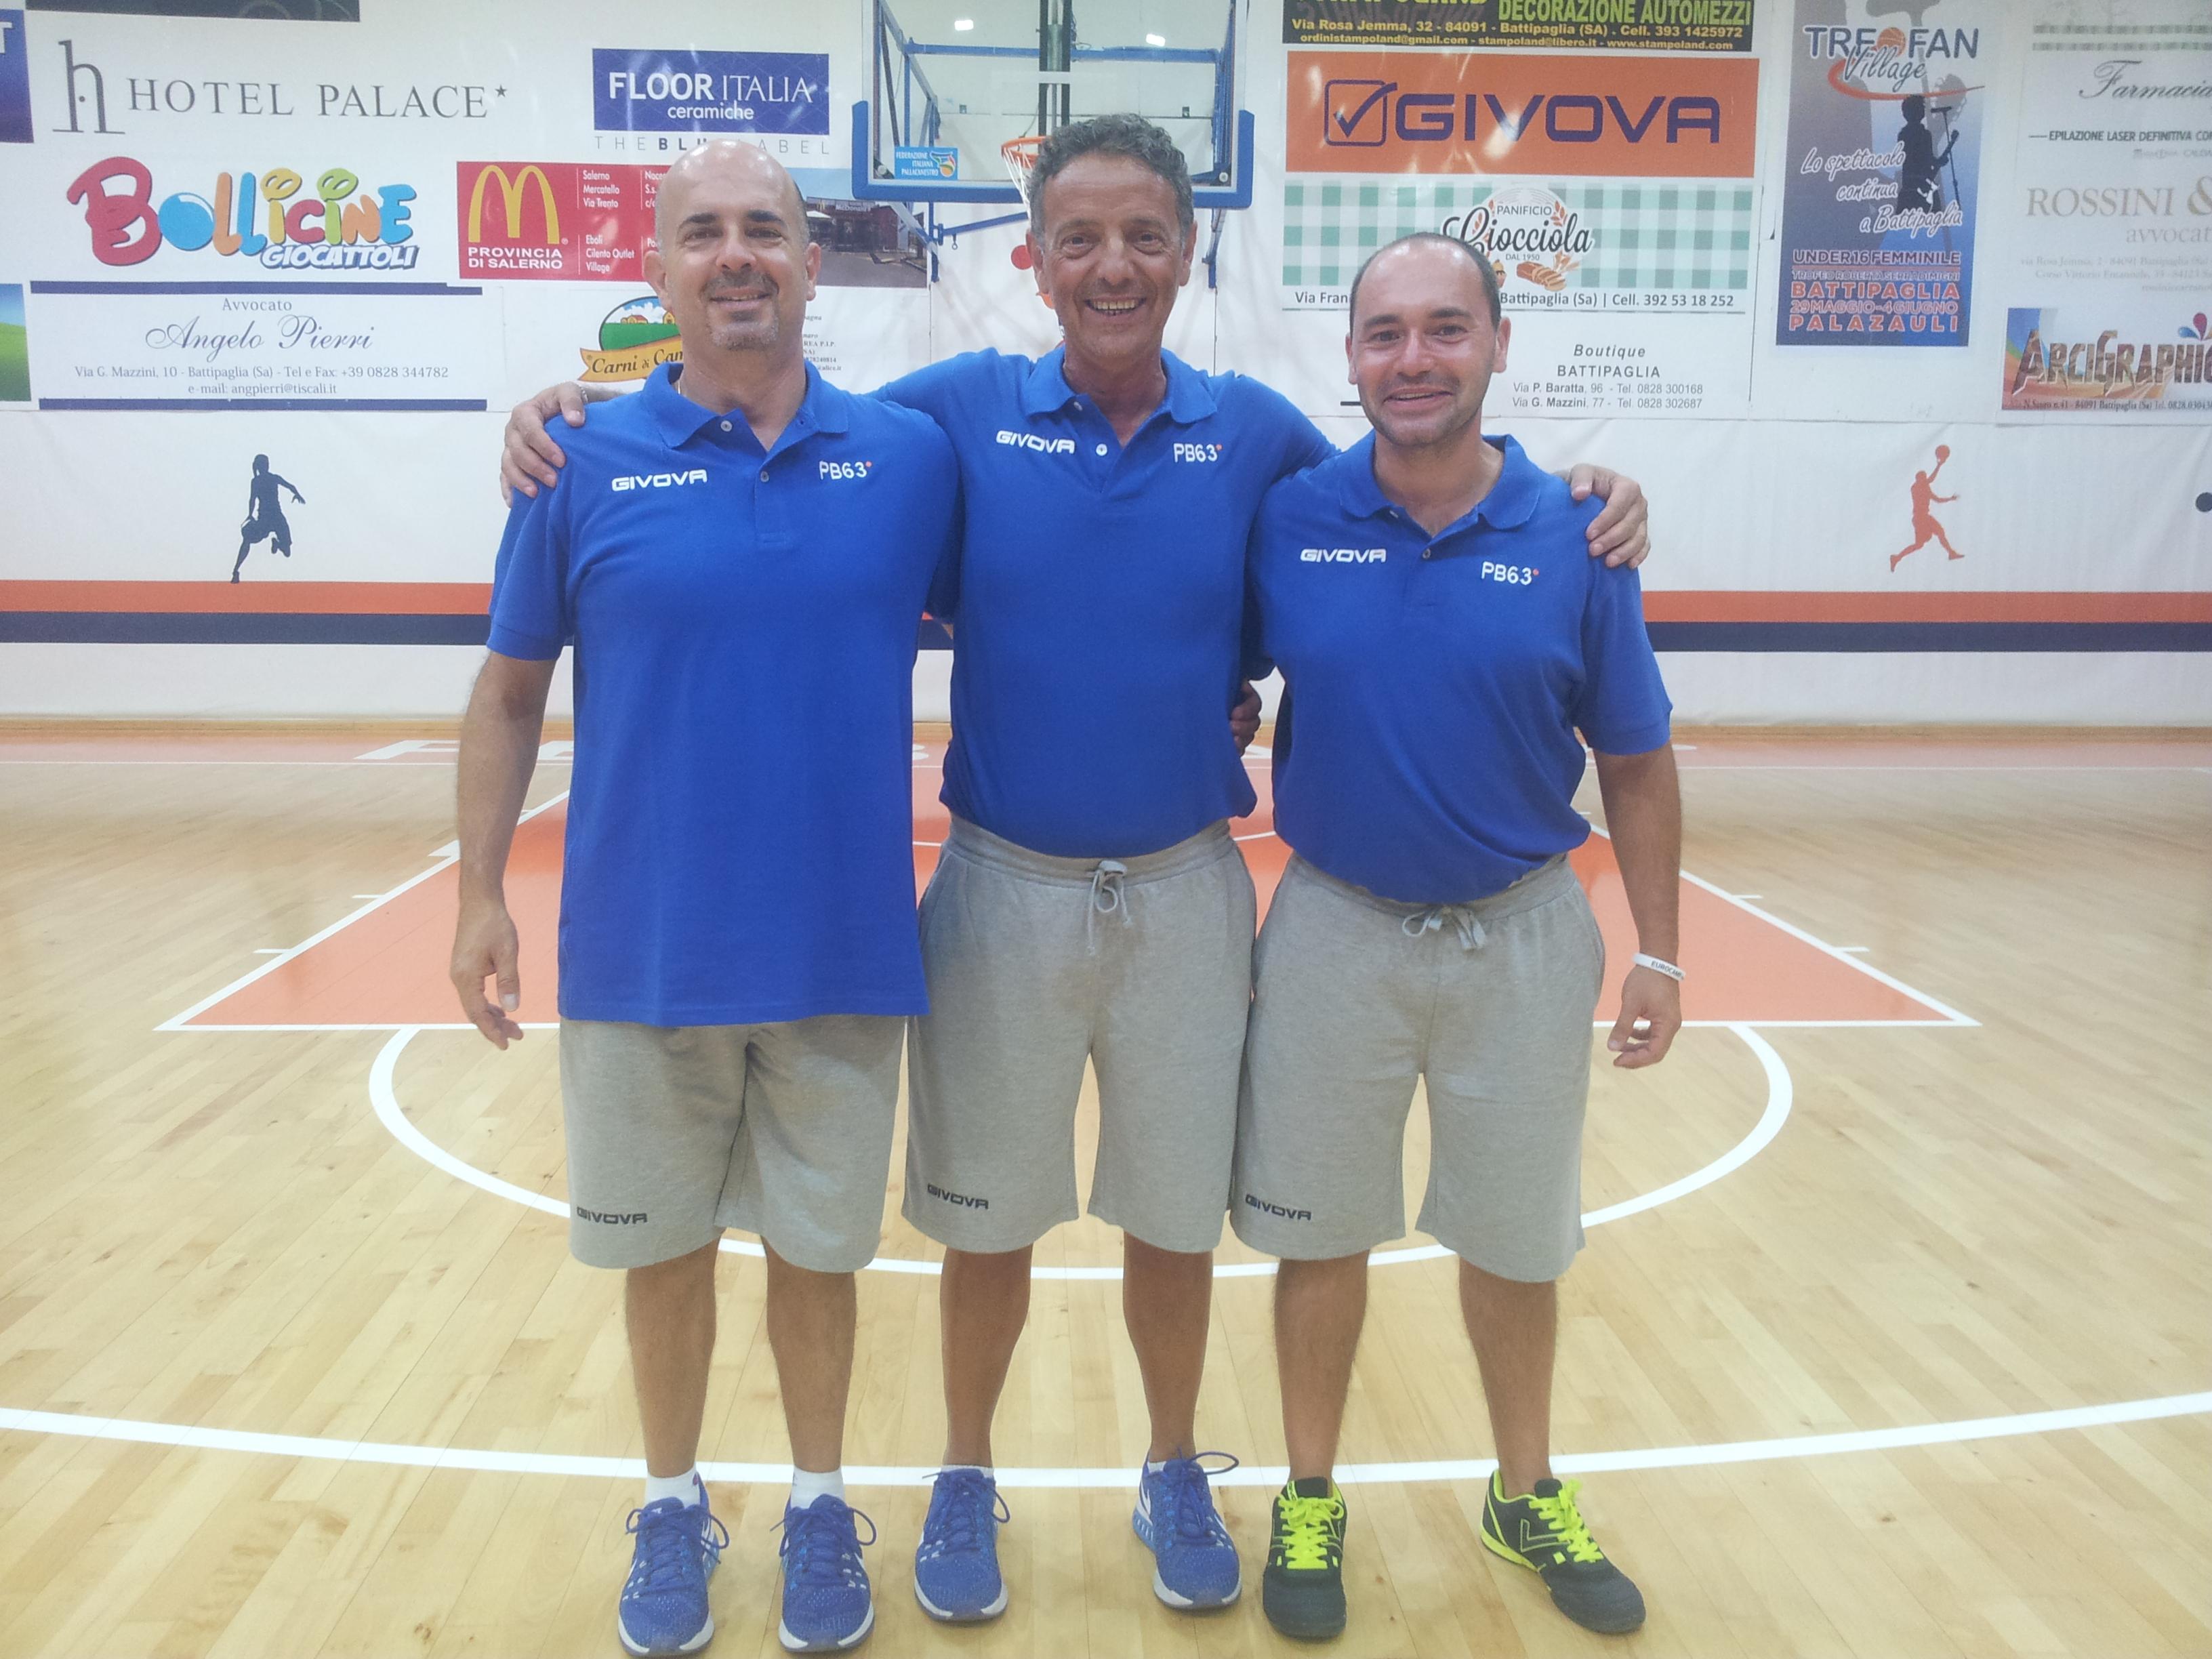 coach Riga ed il suo staff